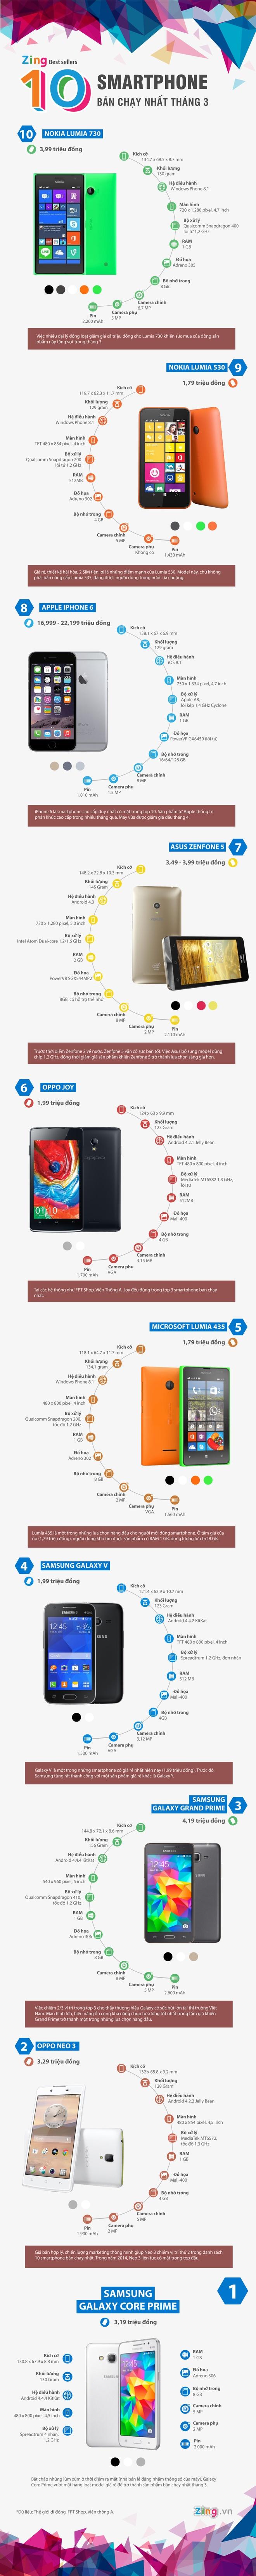 10 smartphone ban chay nhat thang 3 tai Viet Nam hinh anh 1 smartphone bán chạy nhất tháng 3